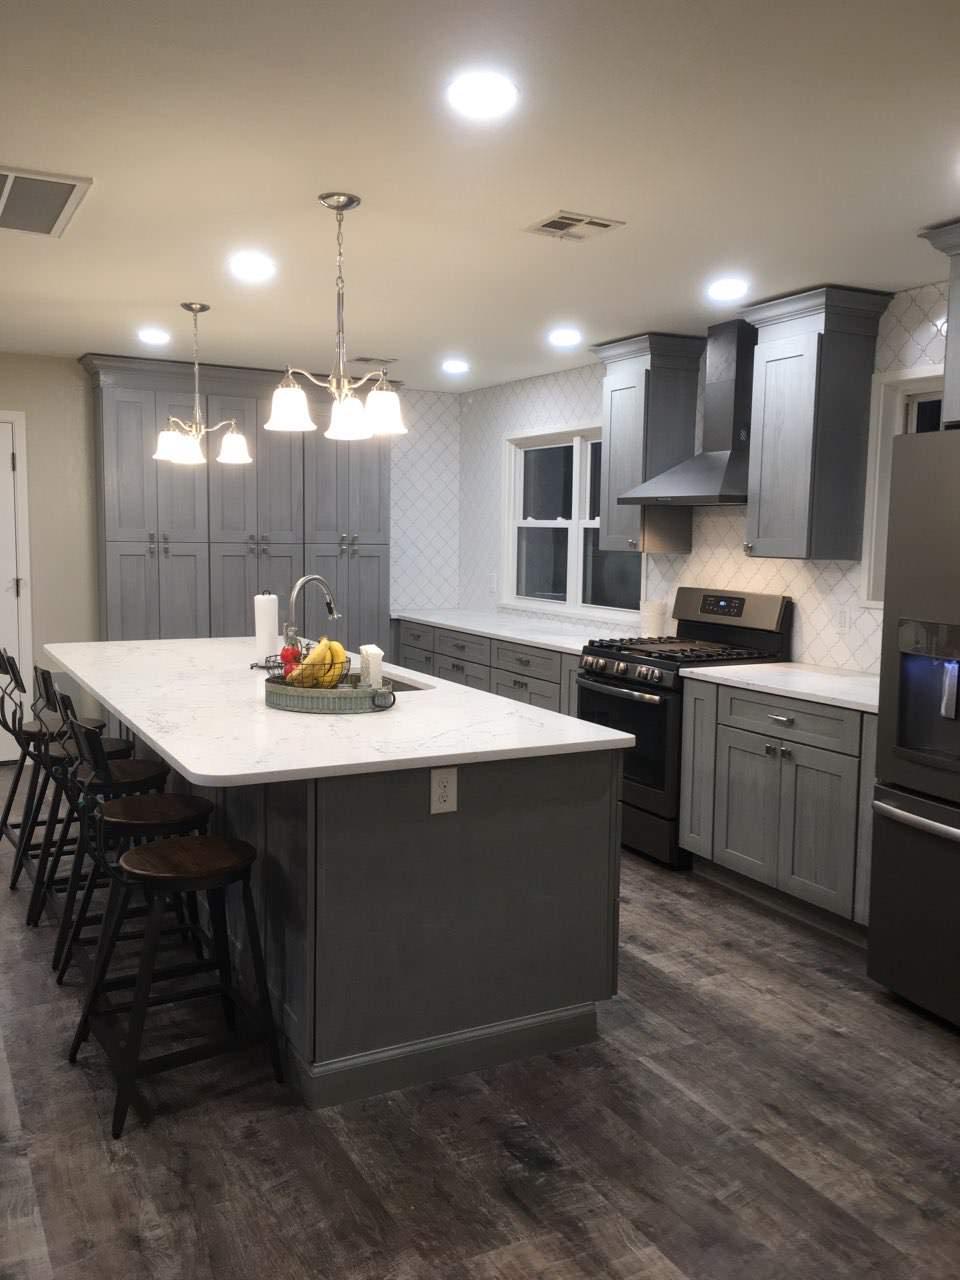 Contemporary Kitchen Update